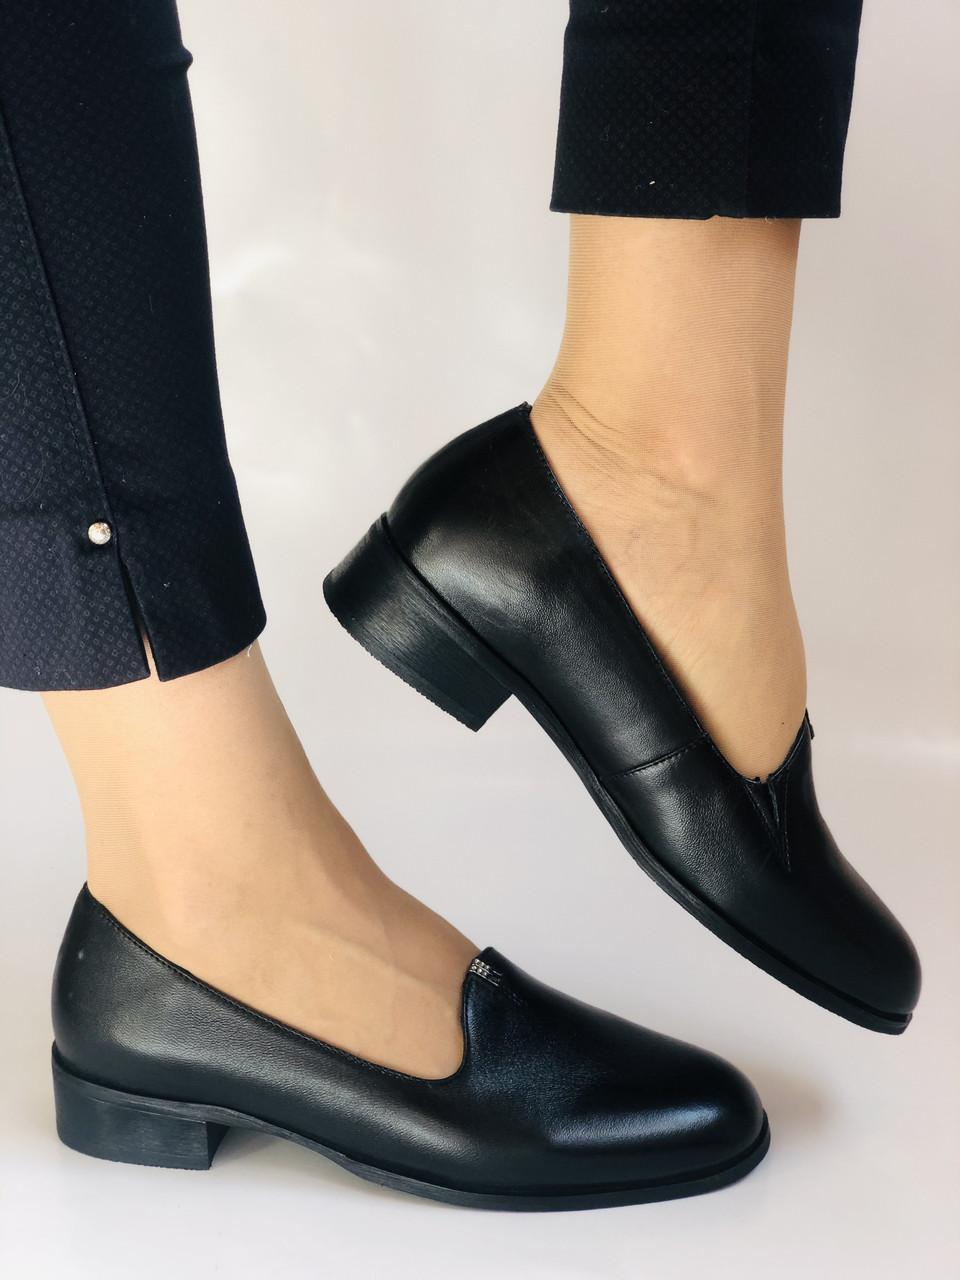 Polann. Жіночі туфлі-лофери на низькому каблуці. Натуральна шкіра. Р. 35, 36,37, 39, 40